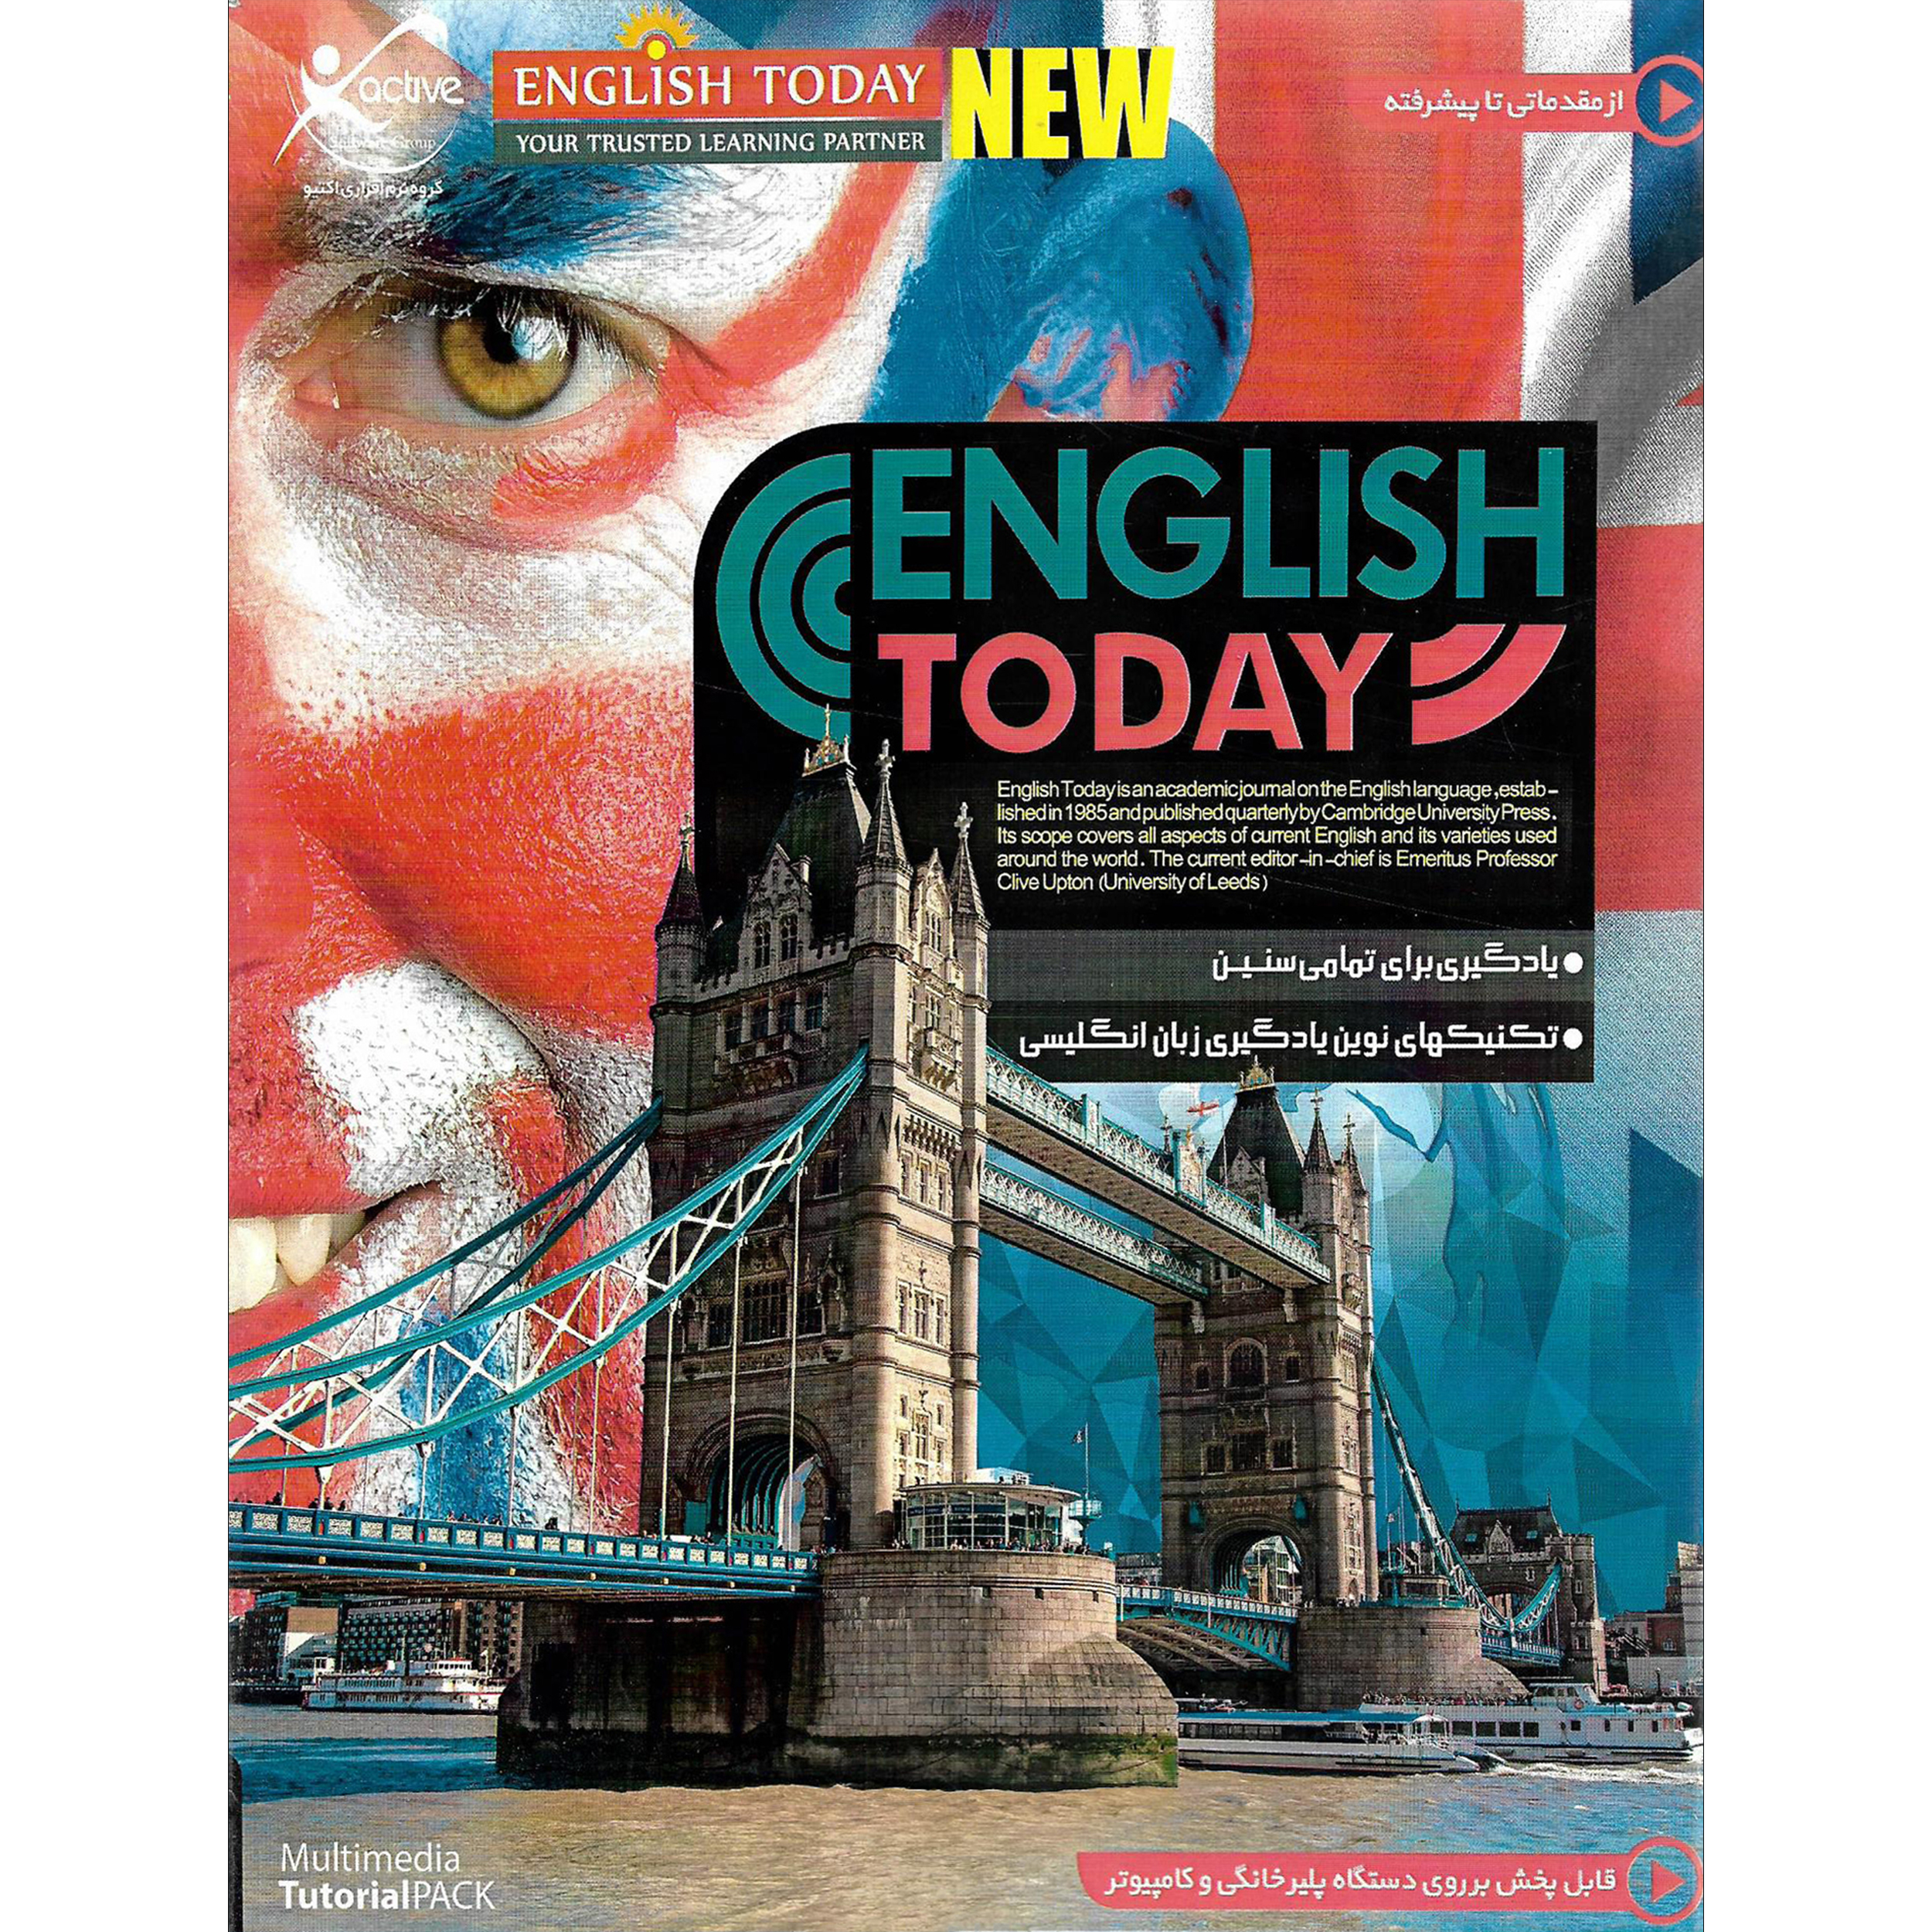 نرم افزار آموزشی زبان ENGLISH TODAY نشر اکتیو